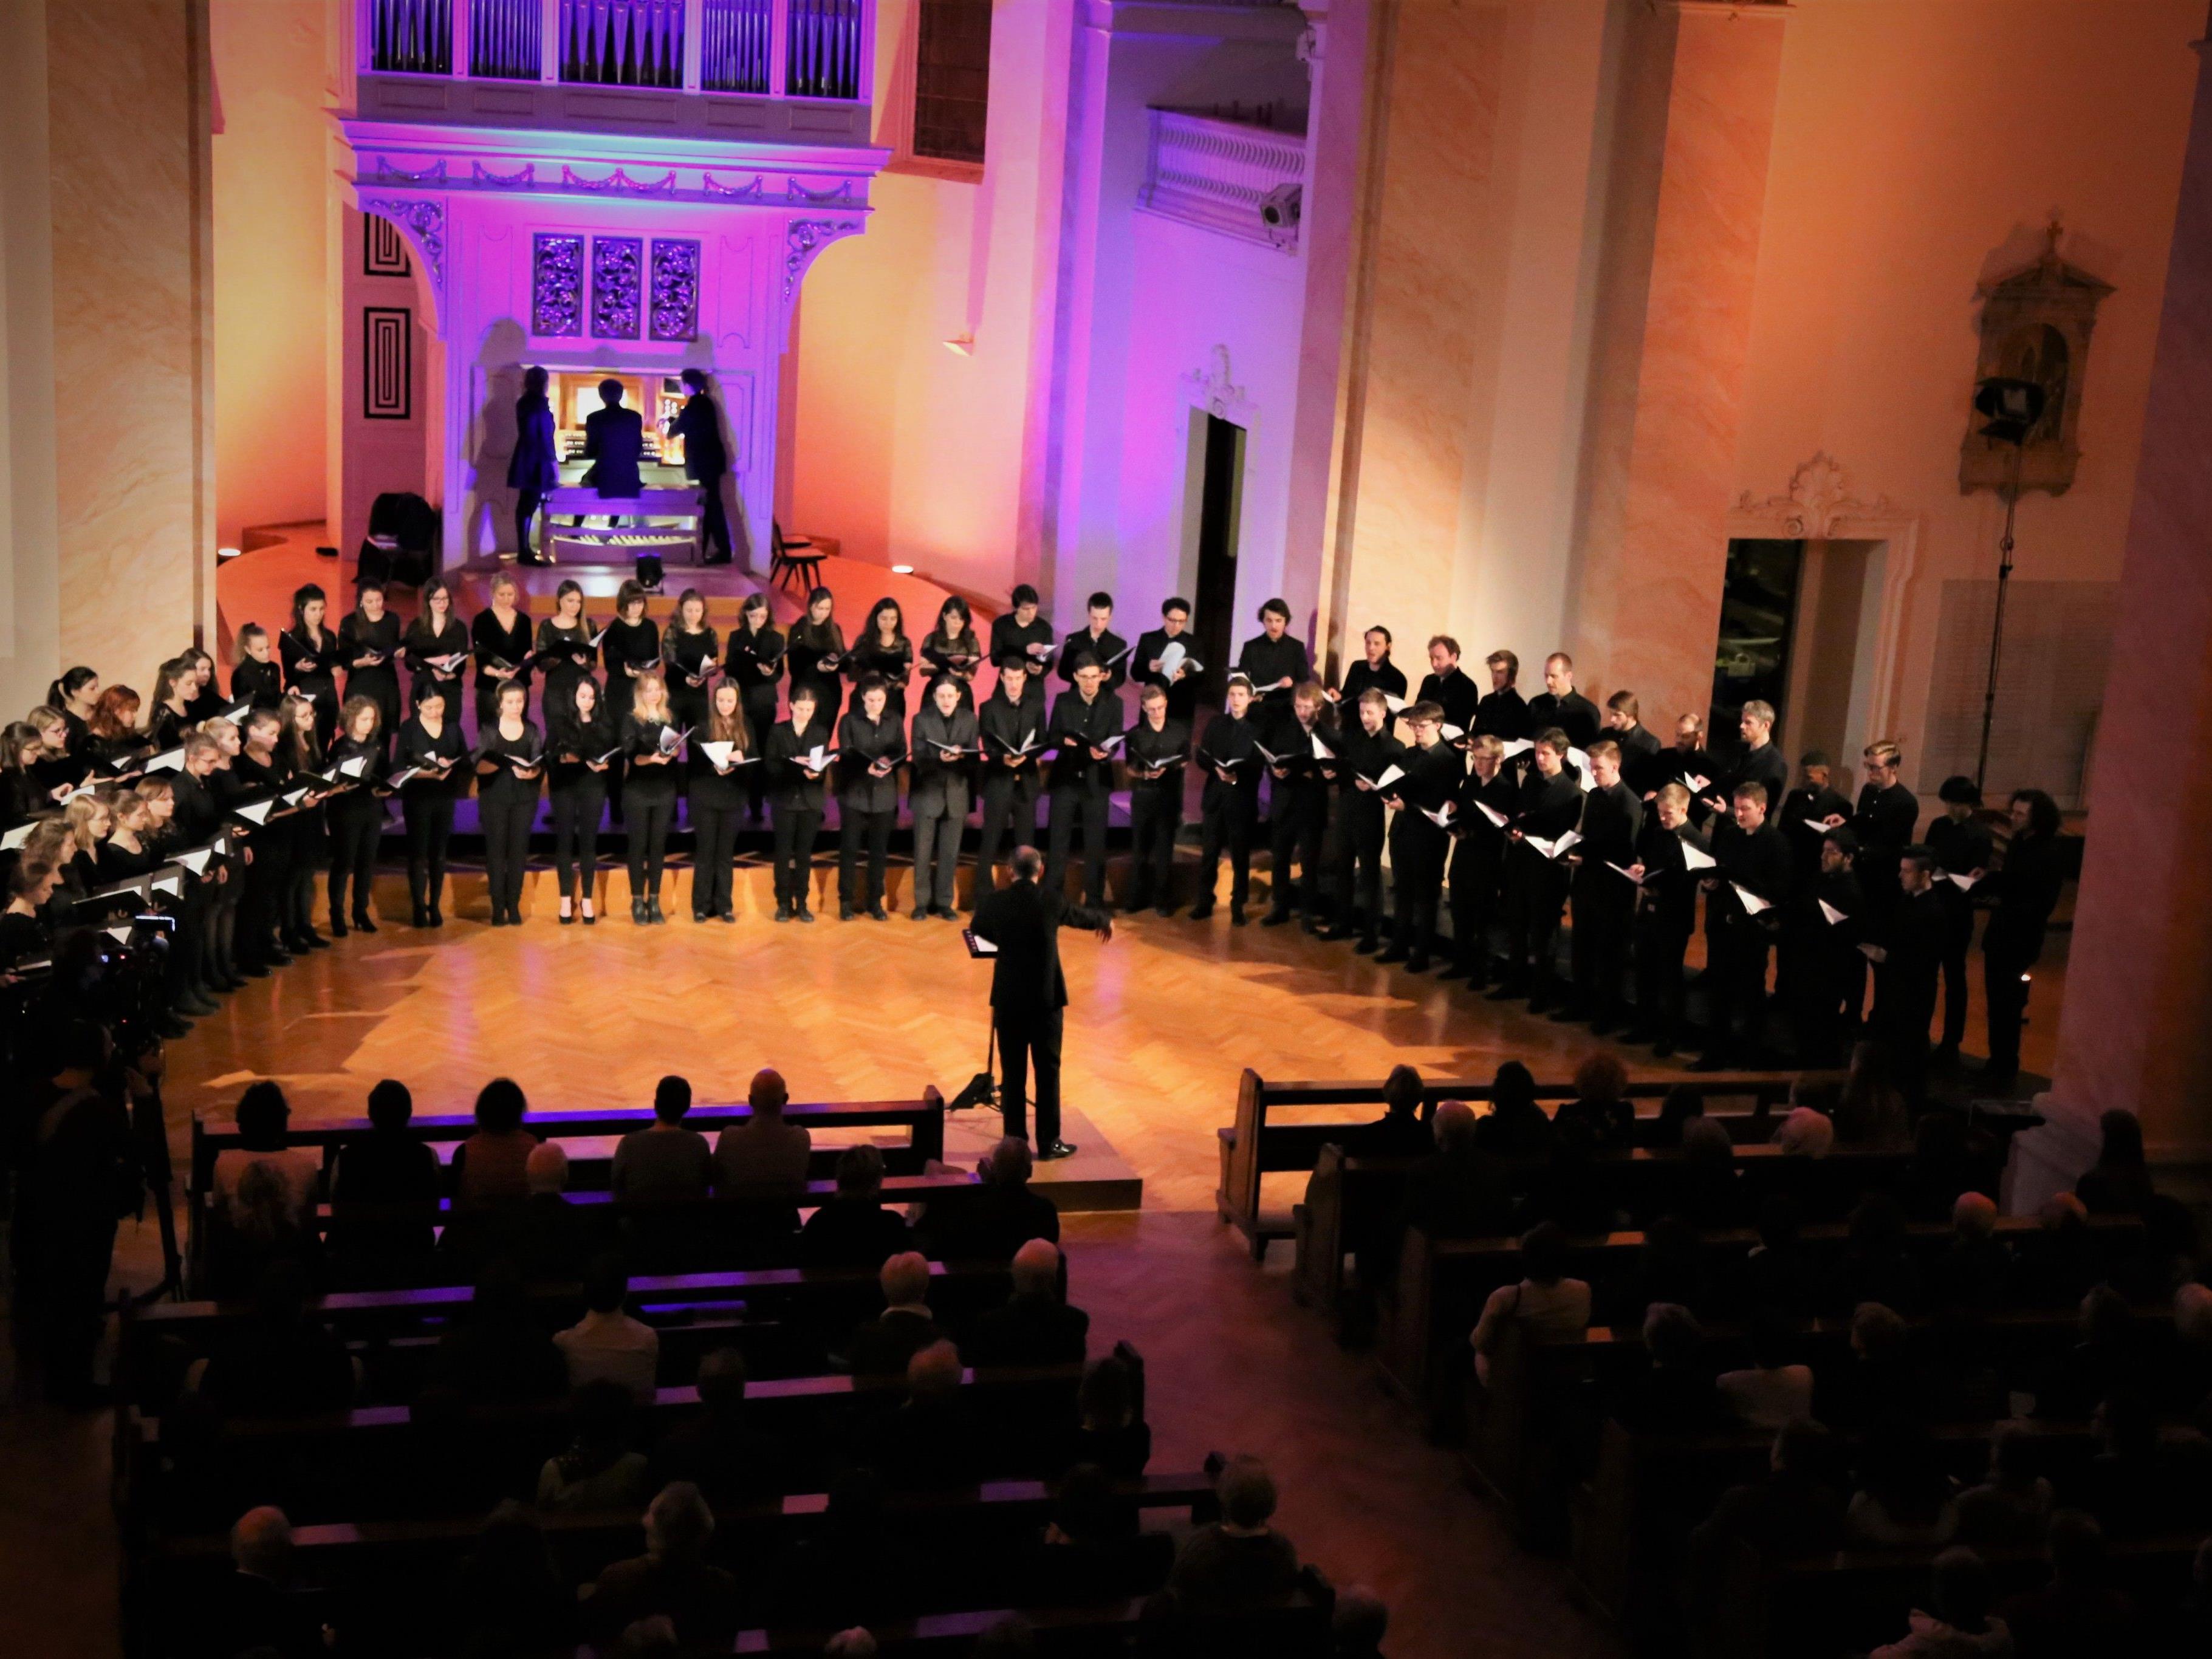 Zahlreiche Konzerte prägten das Jubiläum.